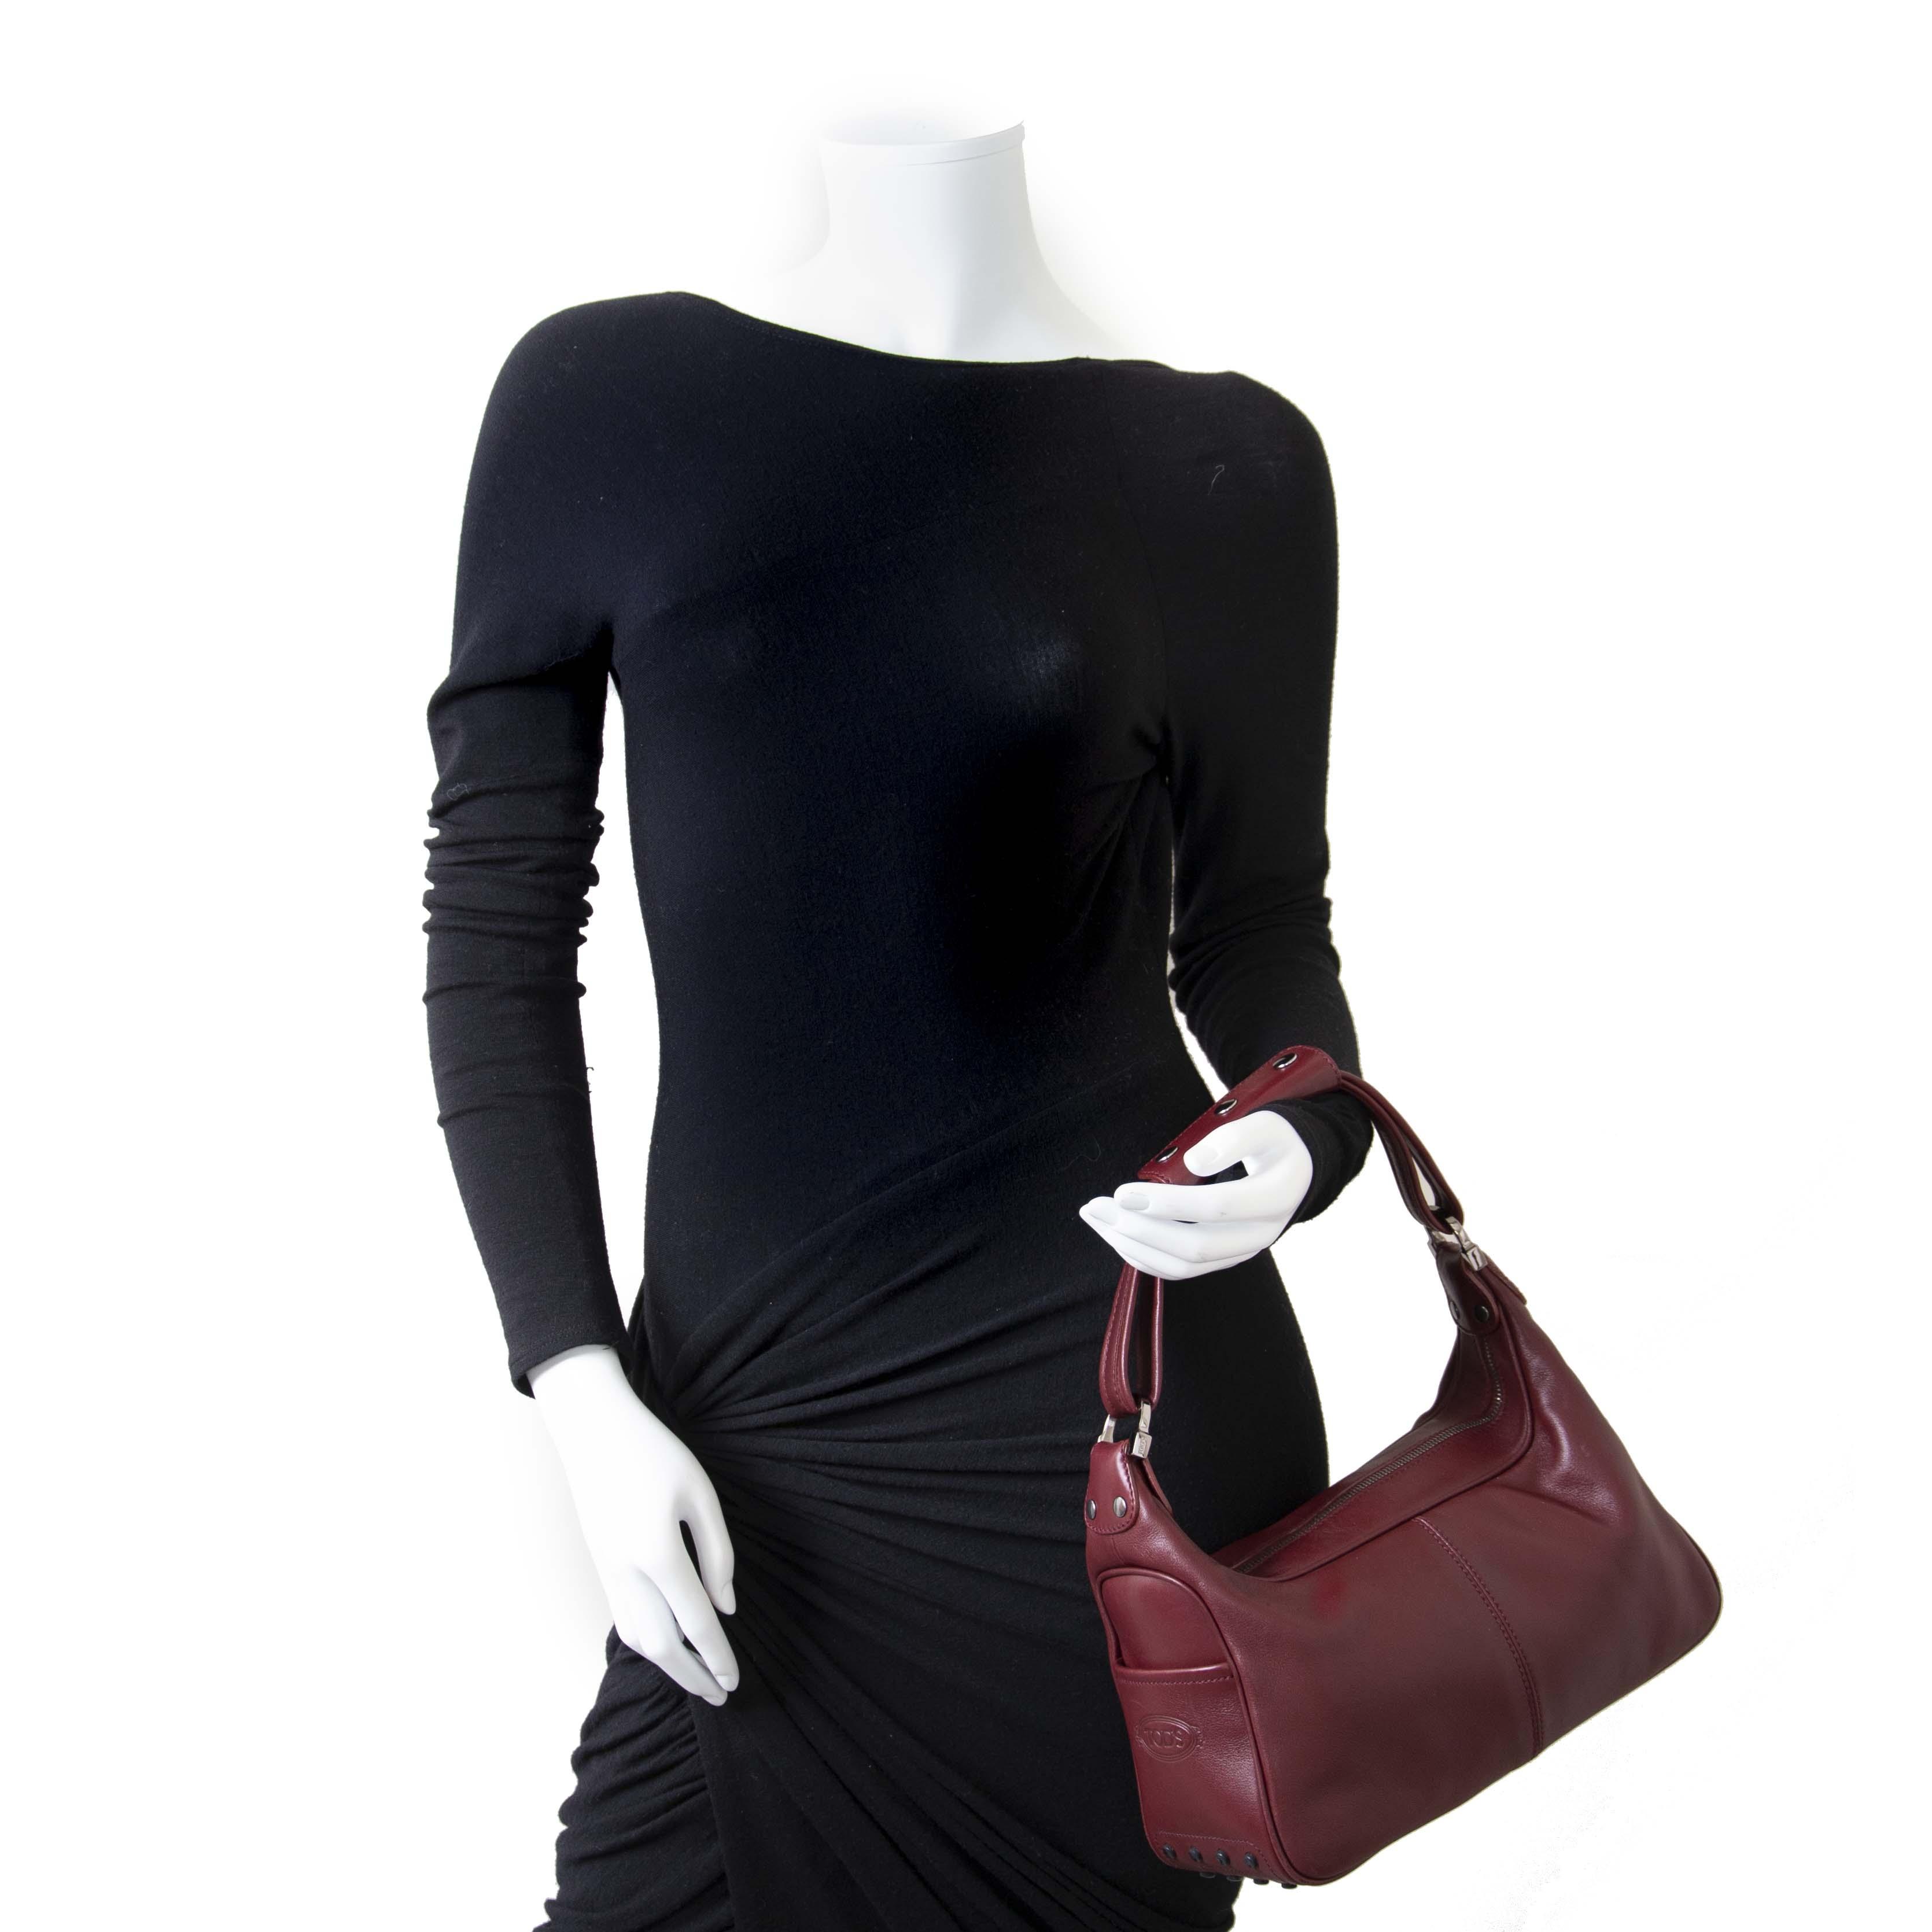 Koop en verkoop uw authentieke designer handtassen en accessoires online bij Labellov